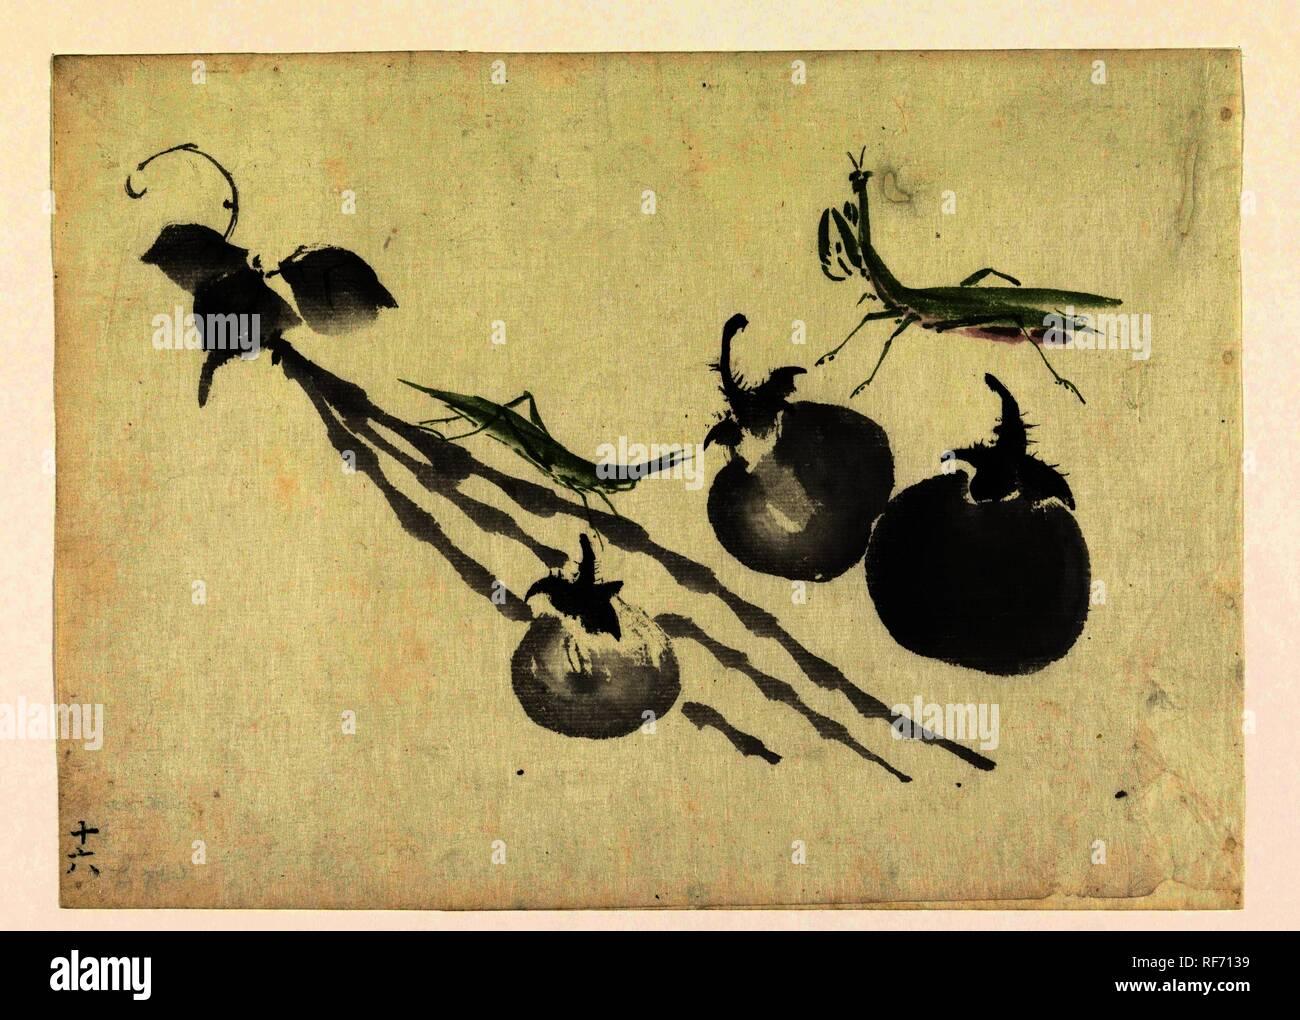 Cavallette con tre cachi. Relatore per parere: anonimo. Dating: 1800 - 1899. Luogo: il Giappone. Misurazioni: h 265 mm × W 364 mm. Museo: Rijksmuseum Amsterdam. Immagini Stock